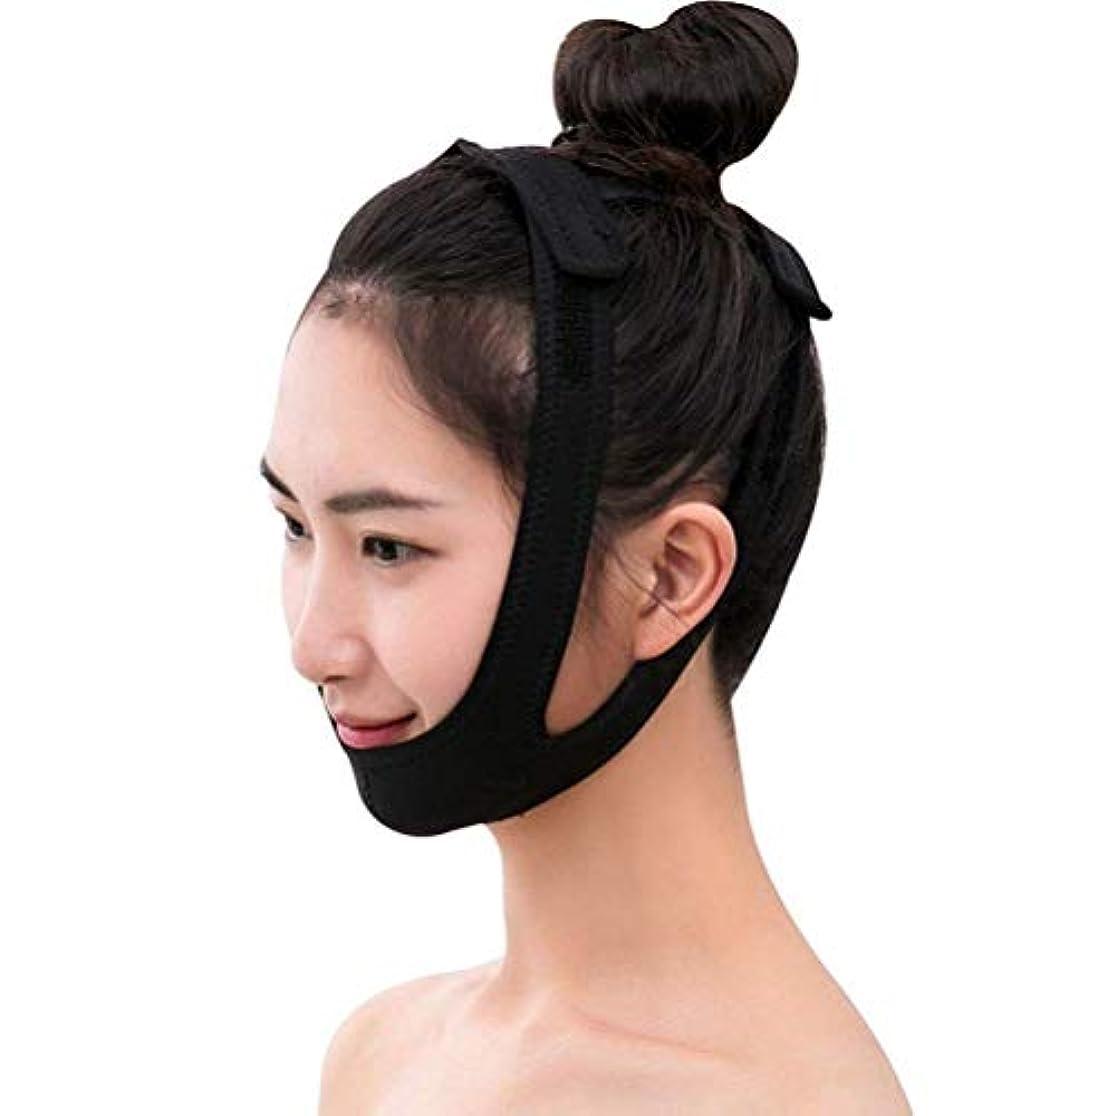 も第五ファーザーファージュフェイスリフティングマスク、フェイスリフティング包帯V字型マスク/整形およびリフト/二重あごベルト/美容マスクフェイスリフト/縮小二重あご包帯/顔面矯正ベルト